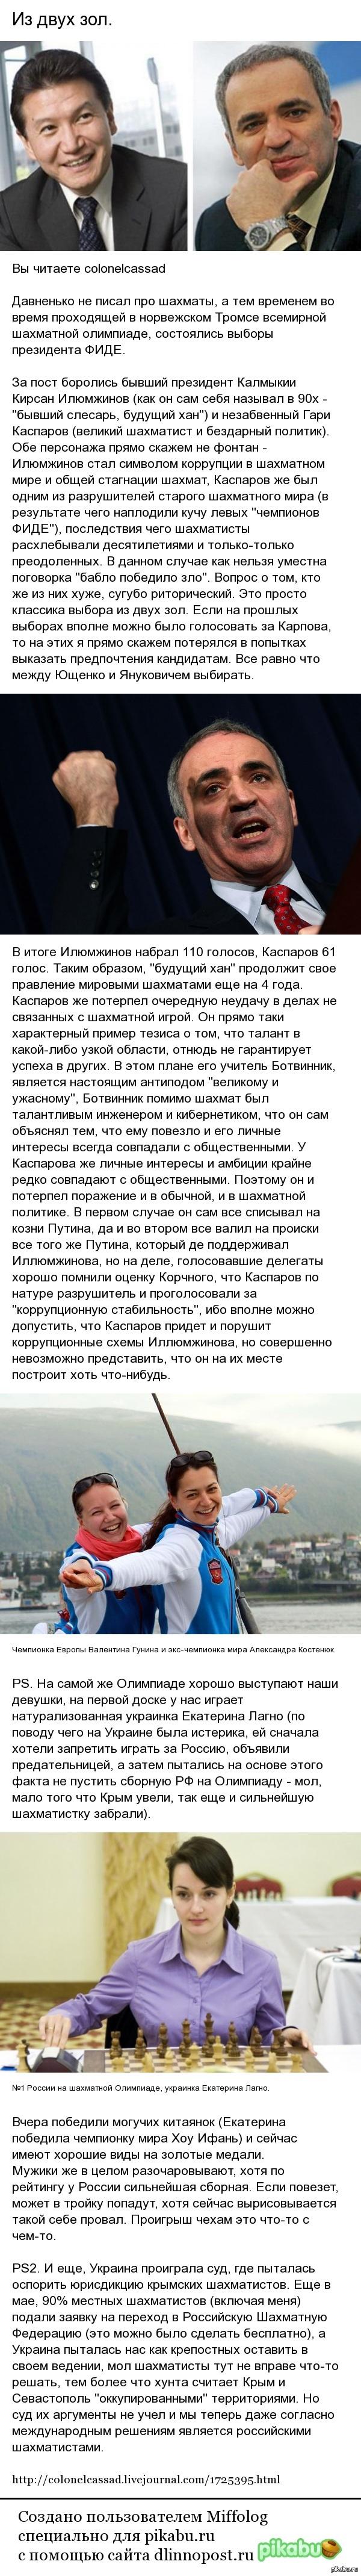 В норвежском Тромсе всемирной шахматной олимпиаде, состоялись выборы президента ФИДЕ. От себя добавлю - что считаю Каспарова предателем родины и врагом России.